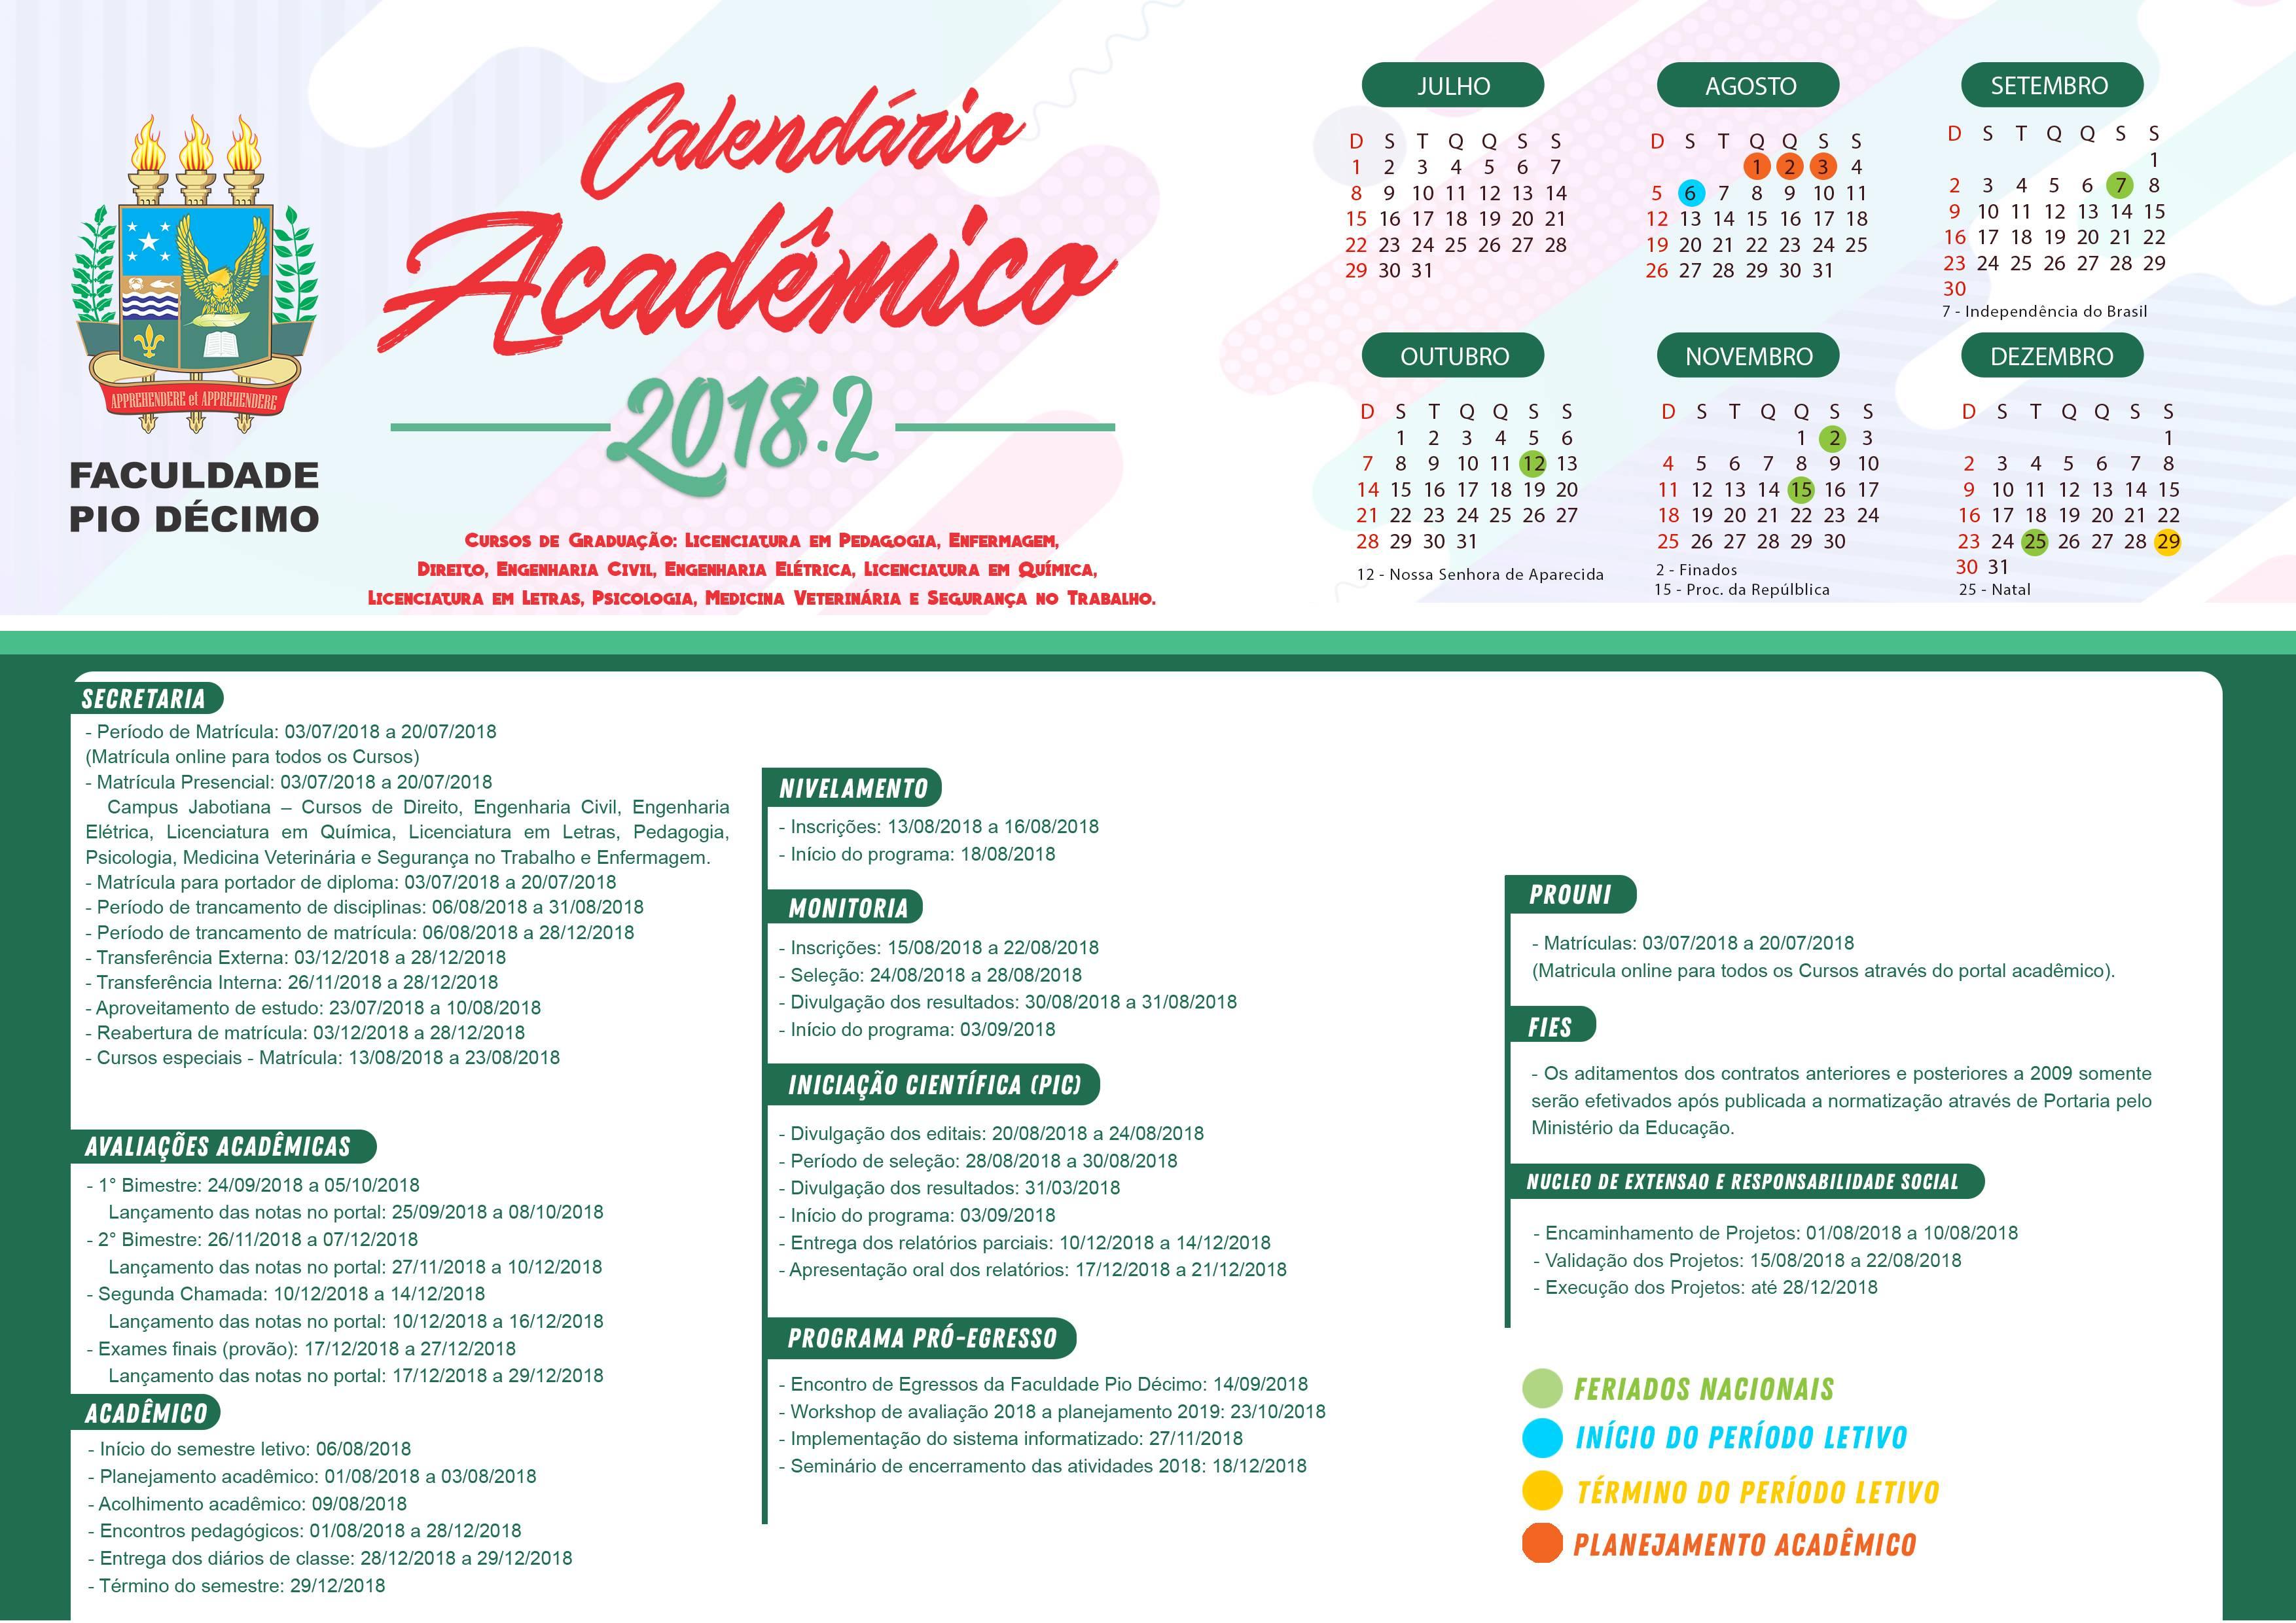 Calendário Acadêmico ok ajuste 06_08_18.jpg